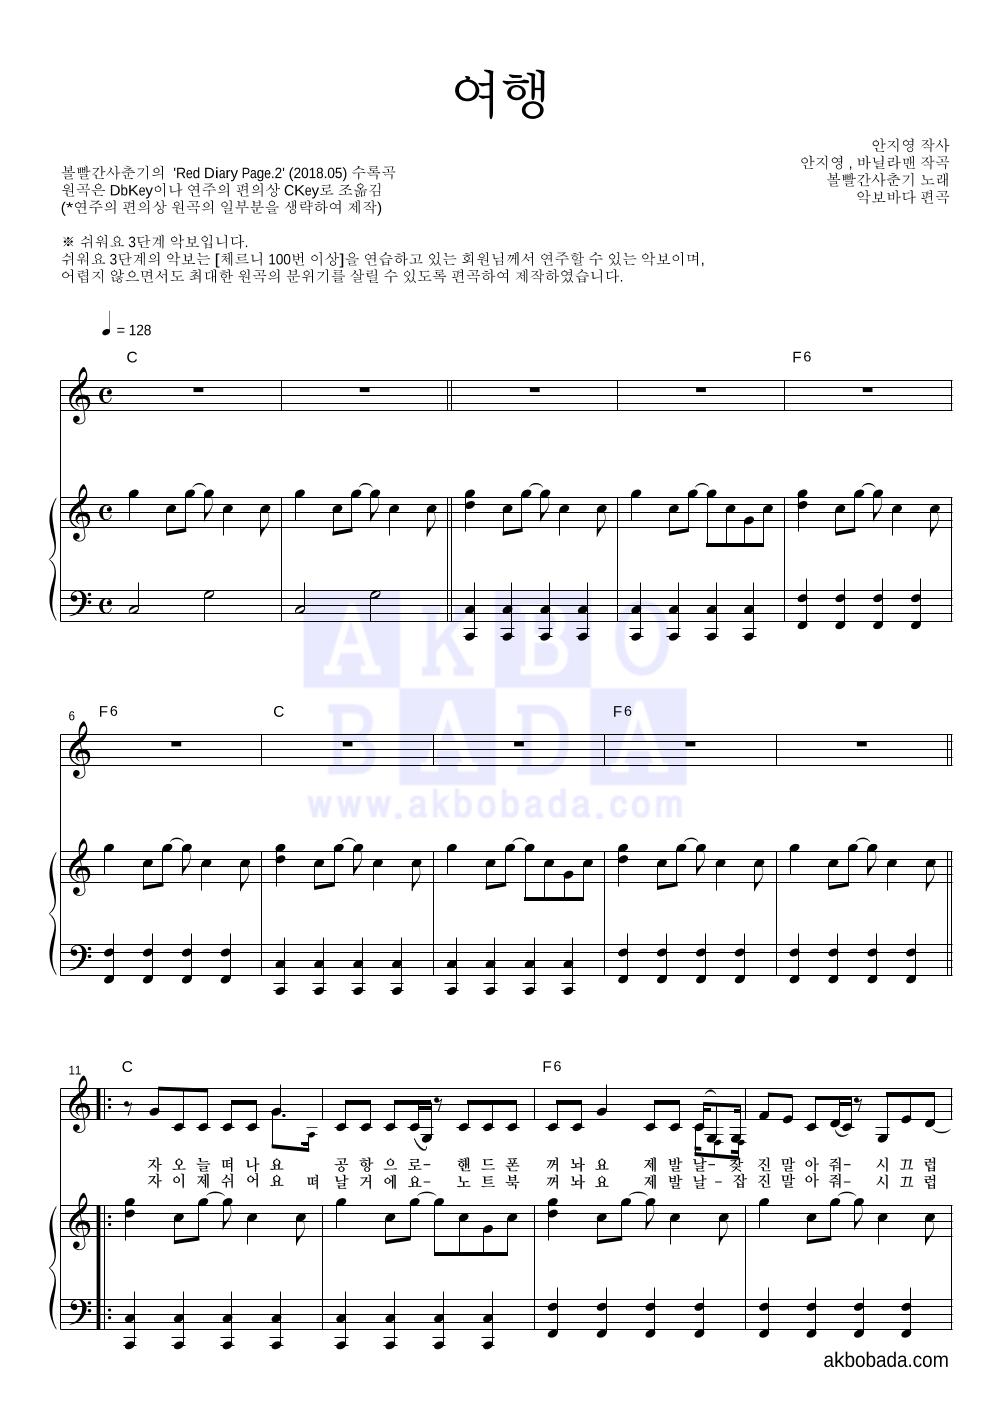 볼빨간사춘기 - 여행 피아노3단-쉬워요 악보